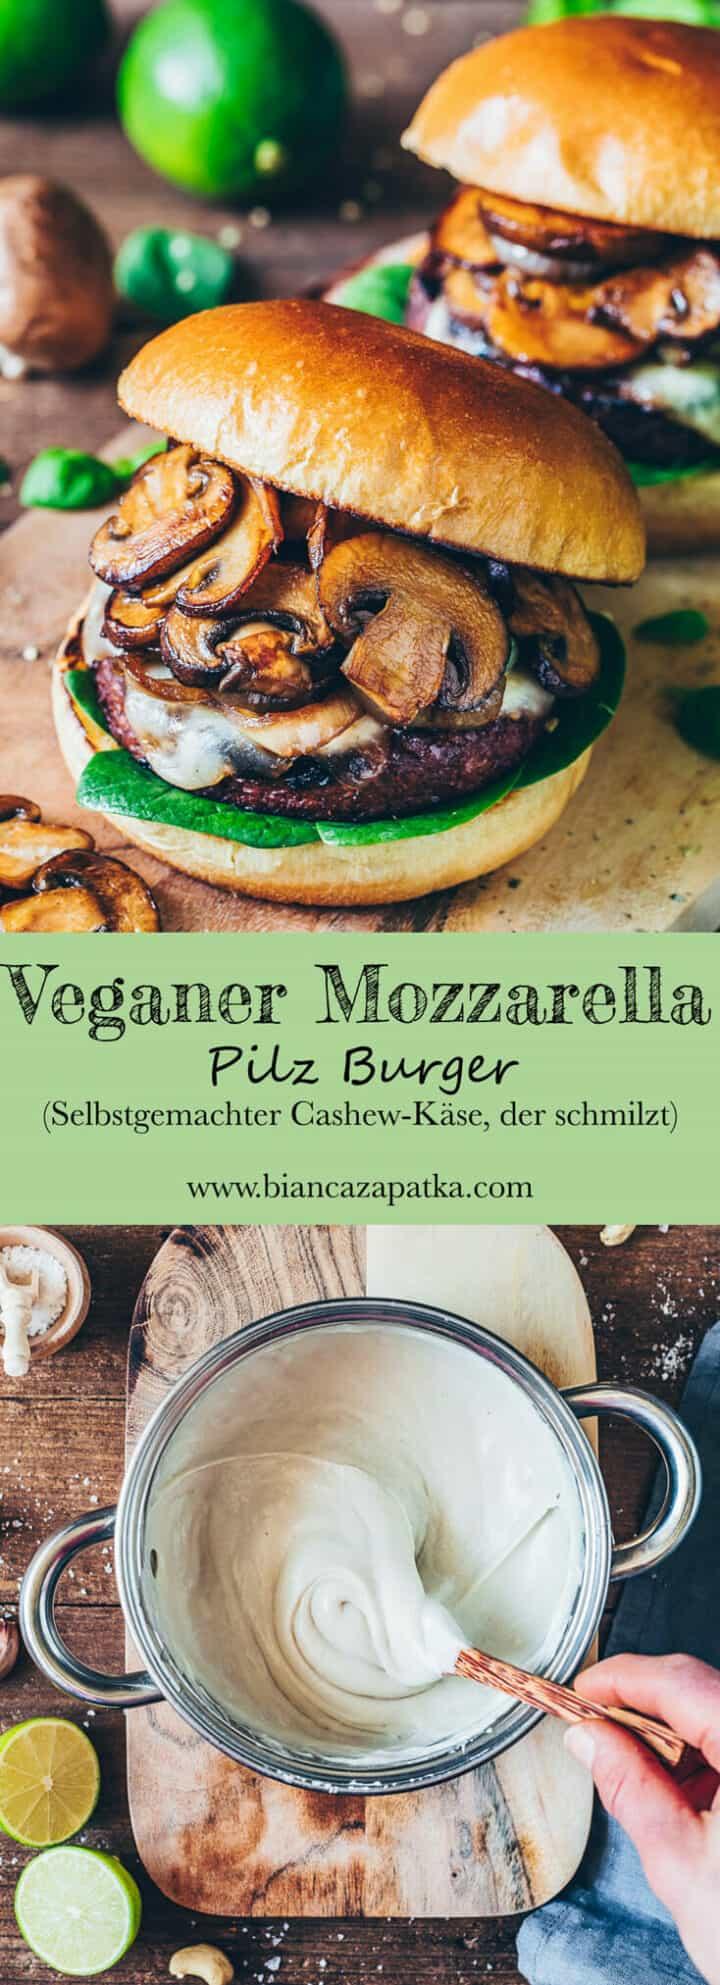 Veganer Mozzarella, der schmilzt, ist einfach zubereitet, und eignet sich prima zum Überbacken von Auflauf, als Topping für Pizza, Sandwiches und Käse Pilz-Burger. Dieser Cashew-Mozzarella ist pflanzlich und milchfrei!